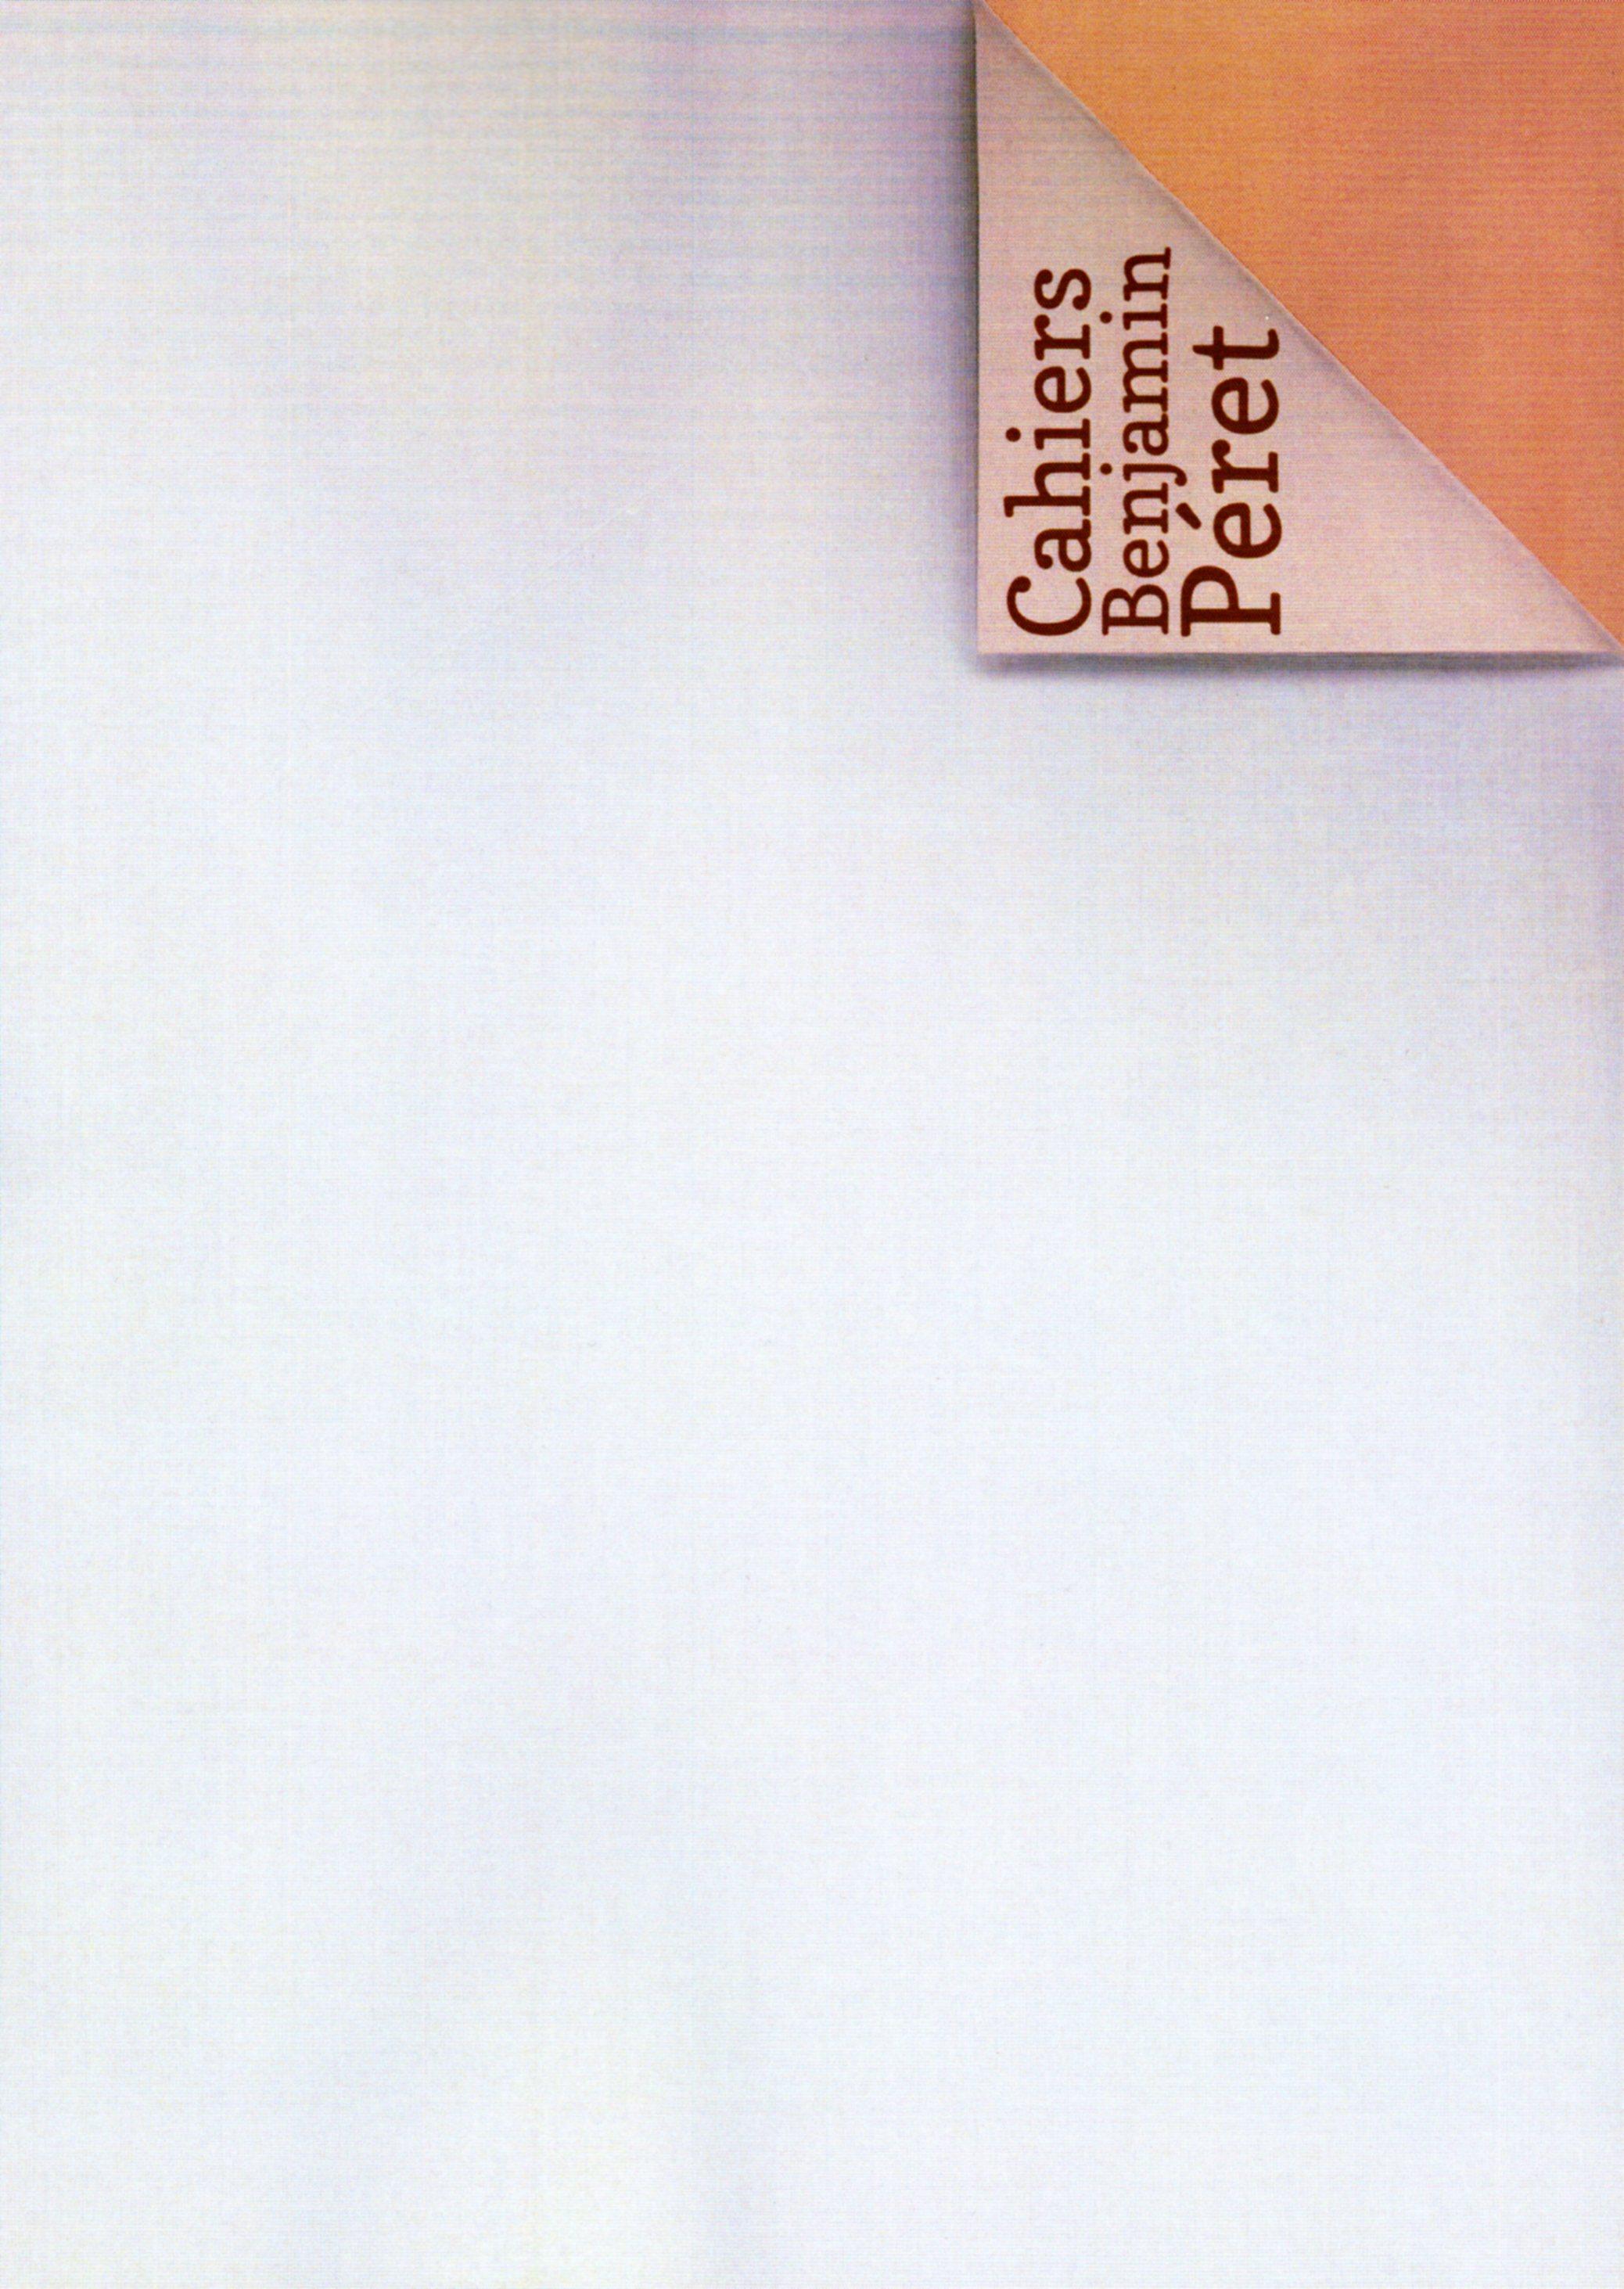 Cahiers Benjamin Péret, n° 9, sept. 2020